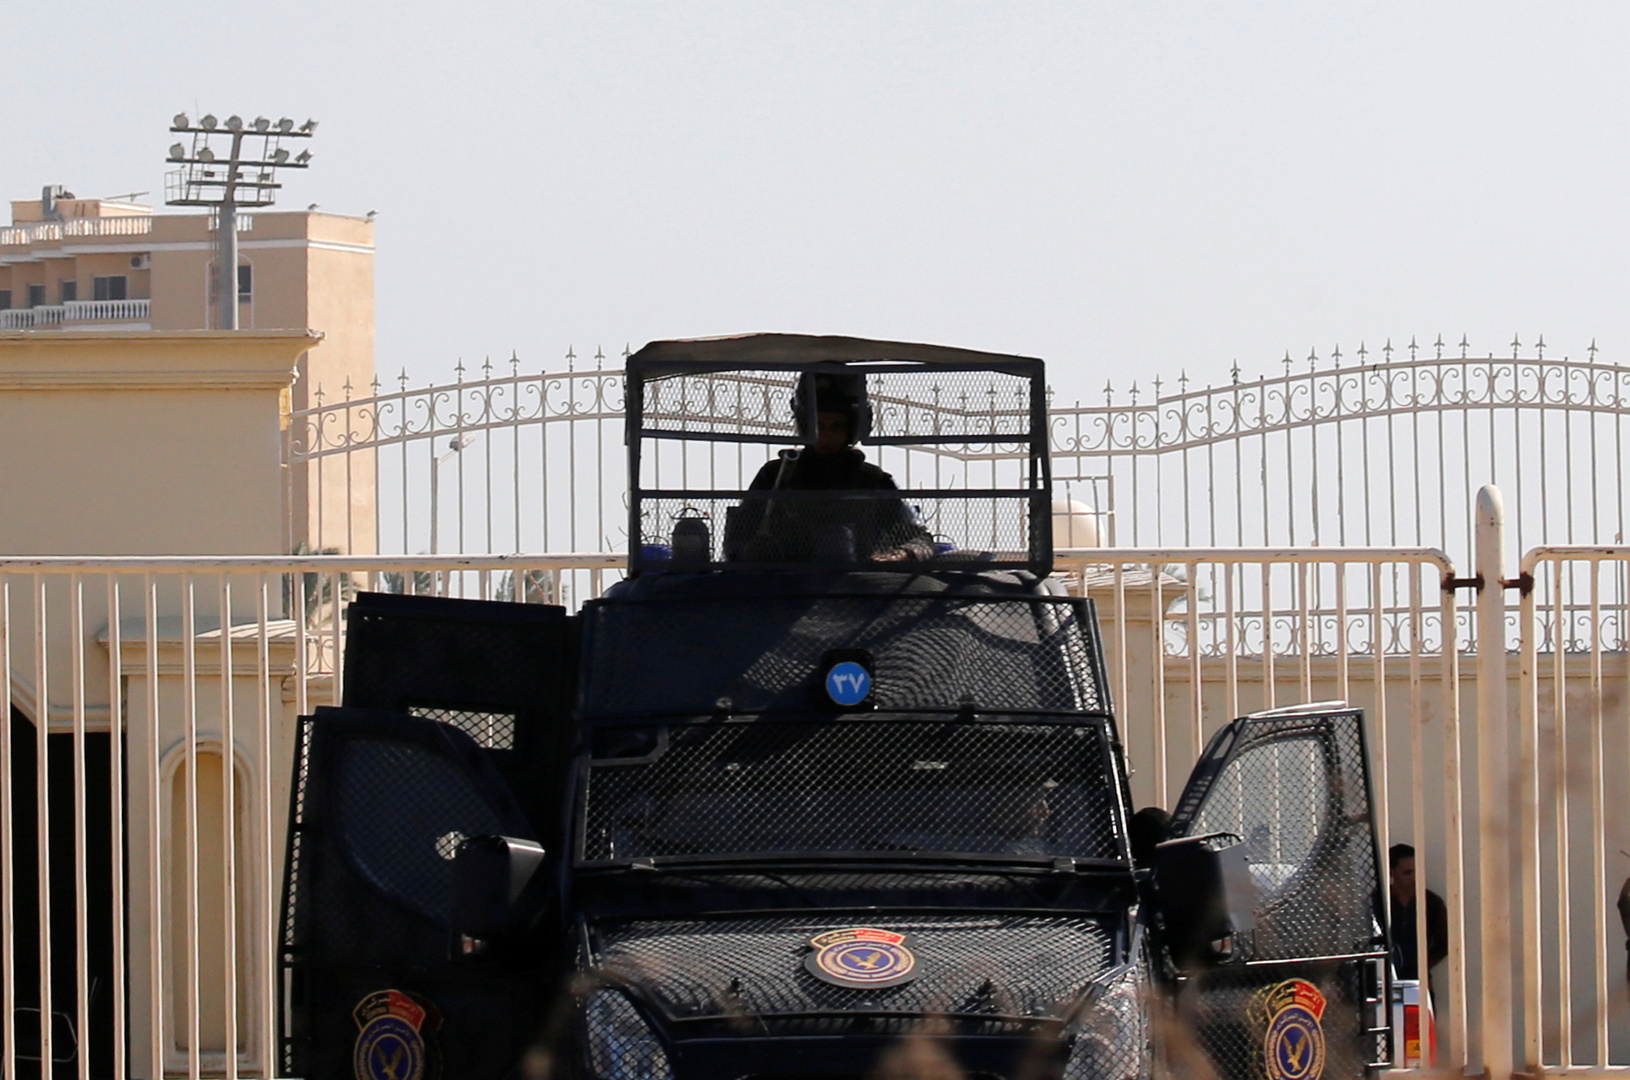 مصر.. سقوط 10 قتلى و7 جرحى في اشتباك مسلح بين عائلتين في قنا